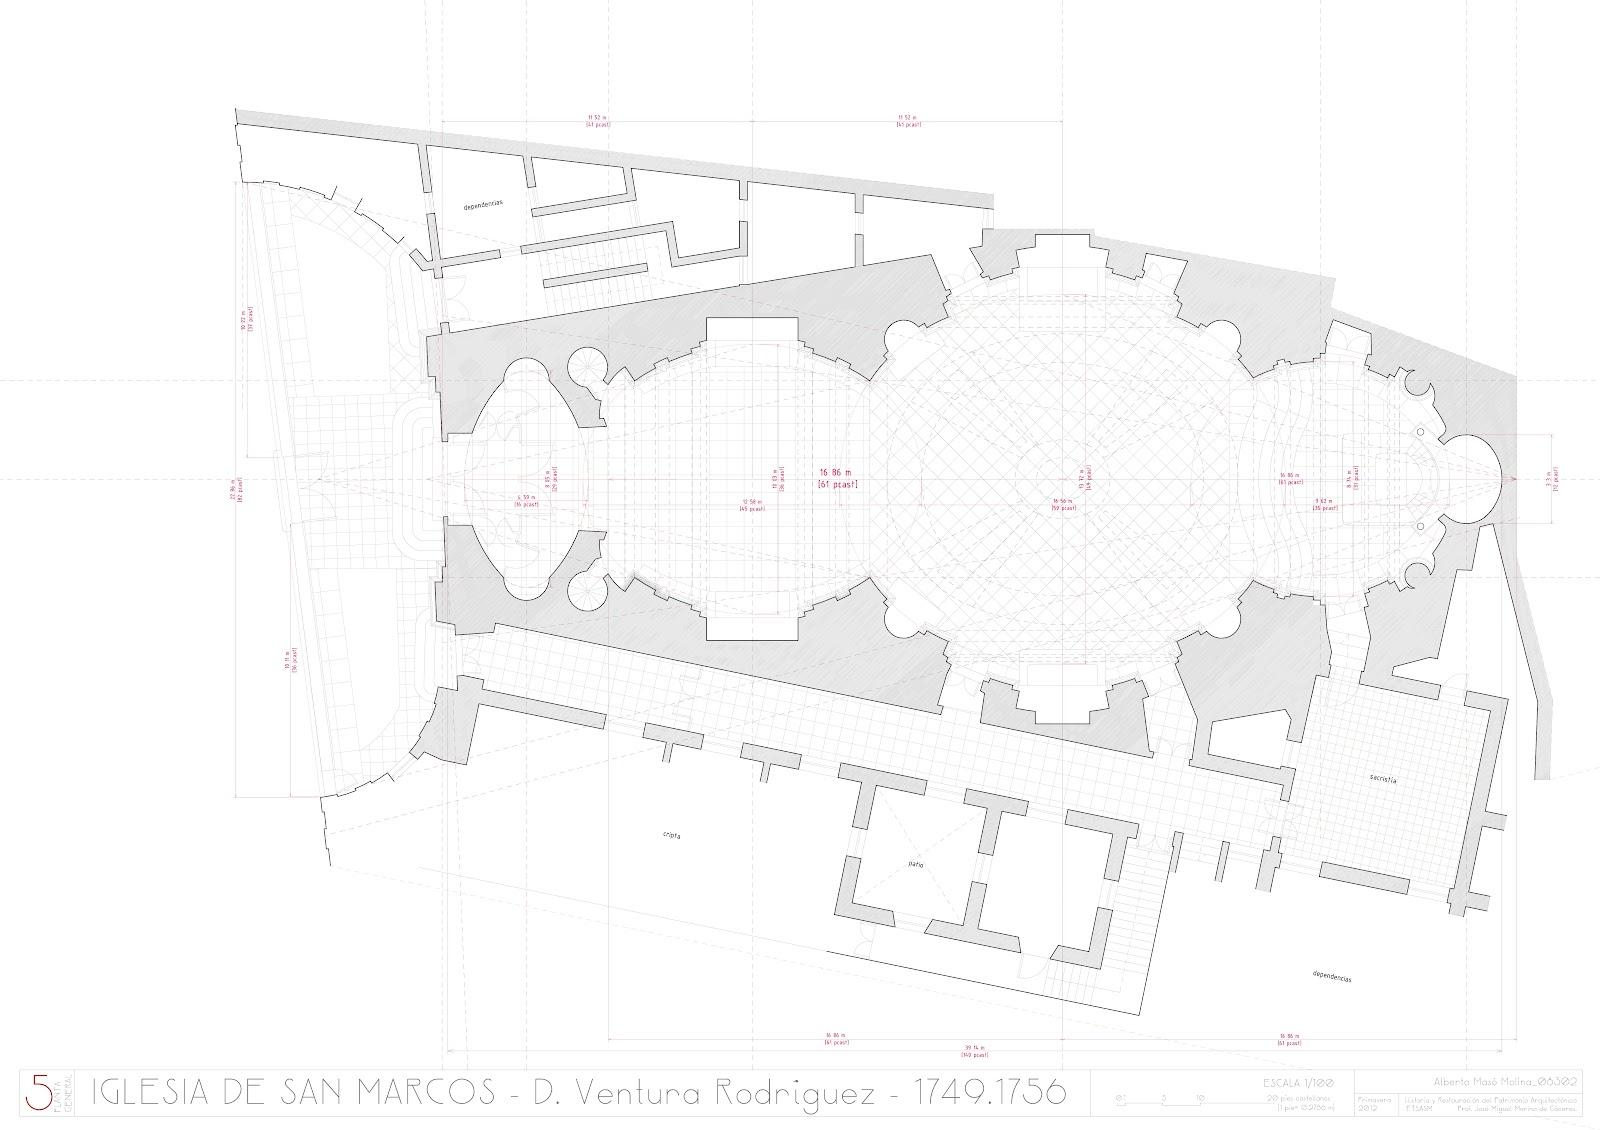 Composición de una vivienda a partir de una retícula de 12x12 metros ...